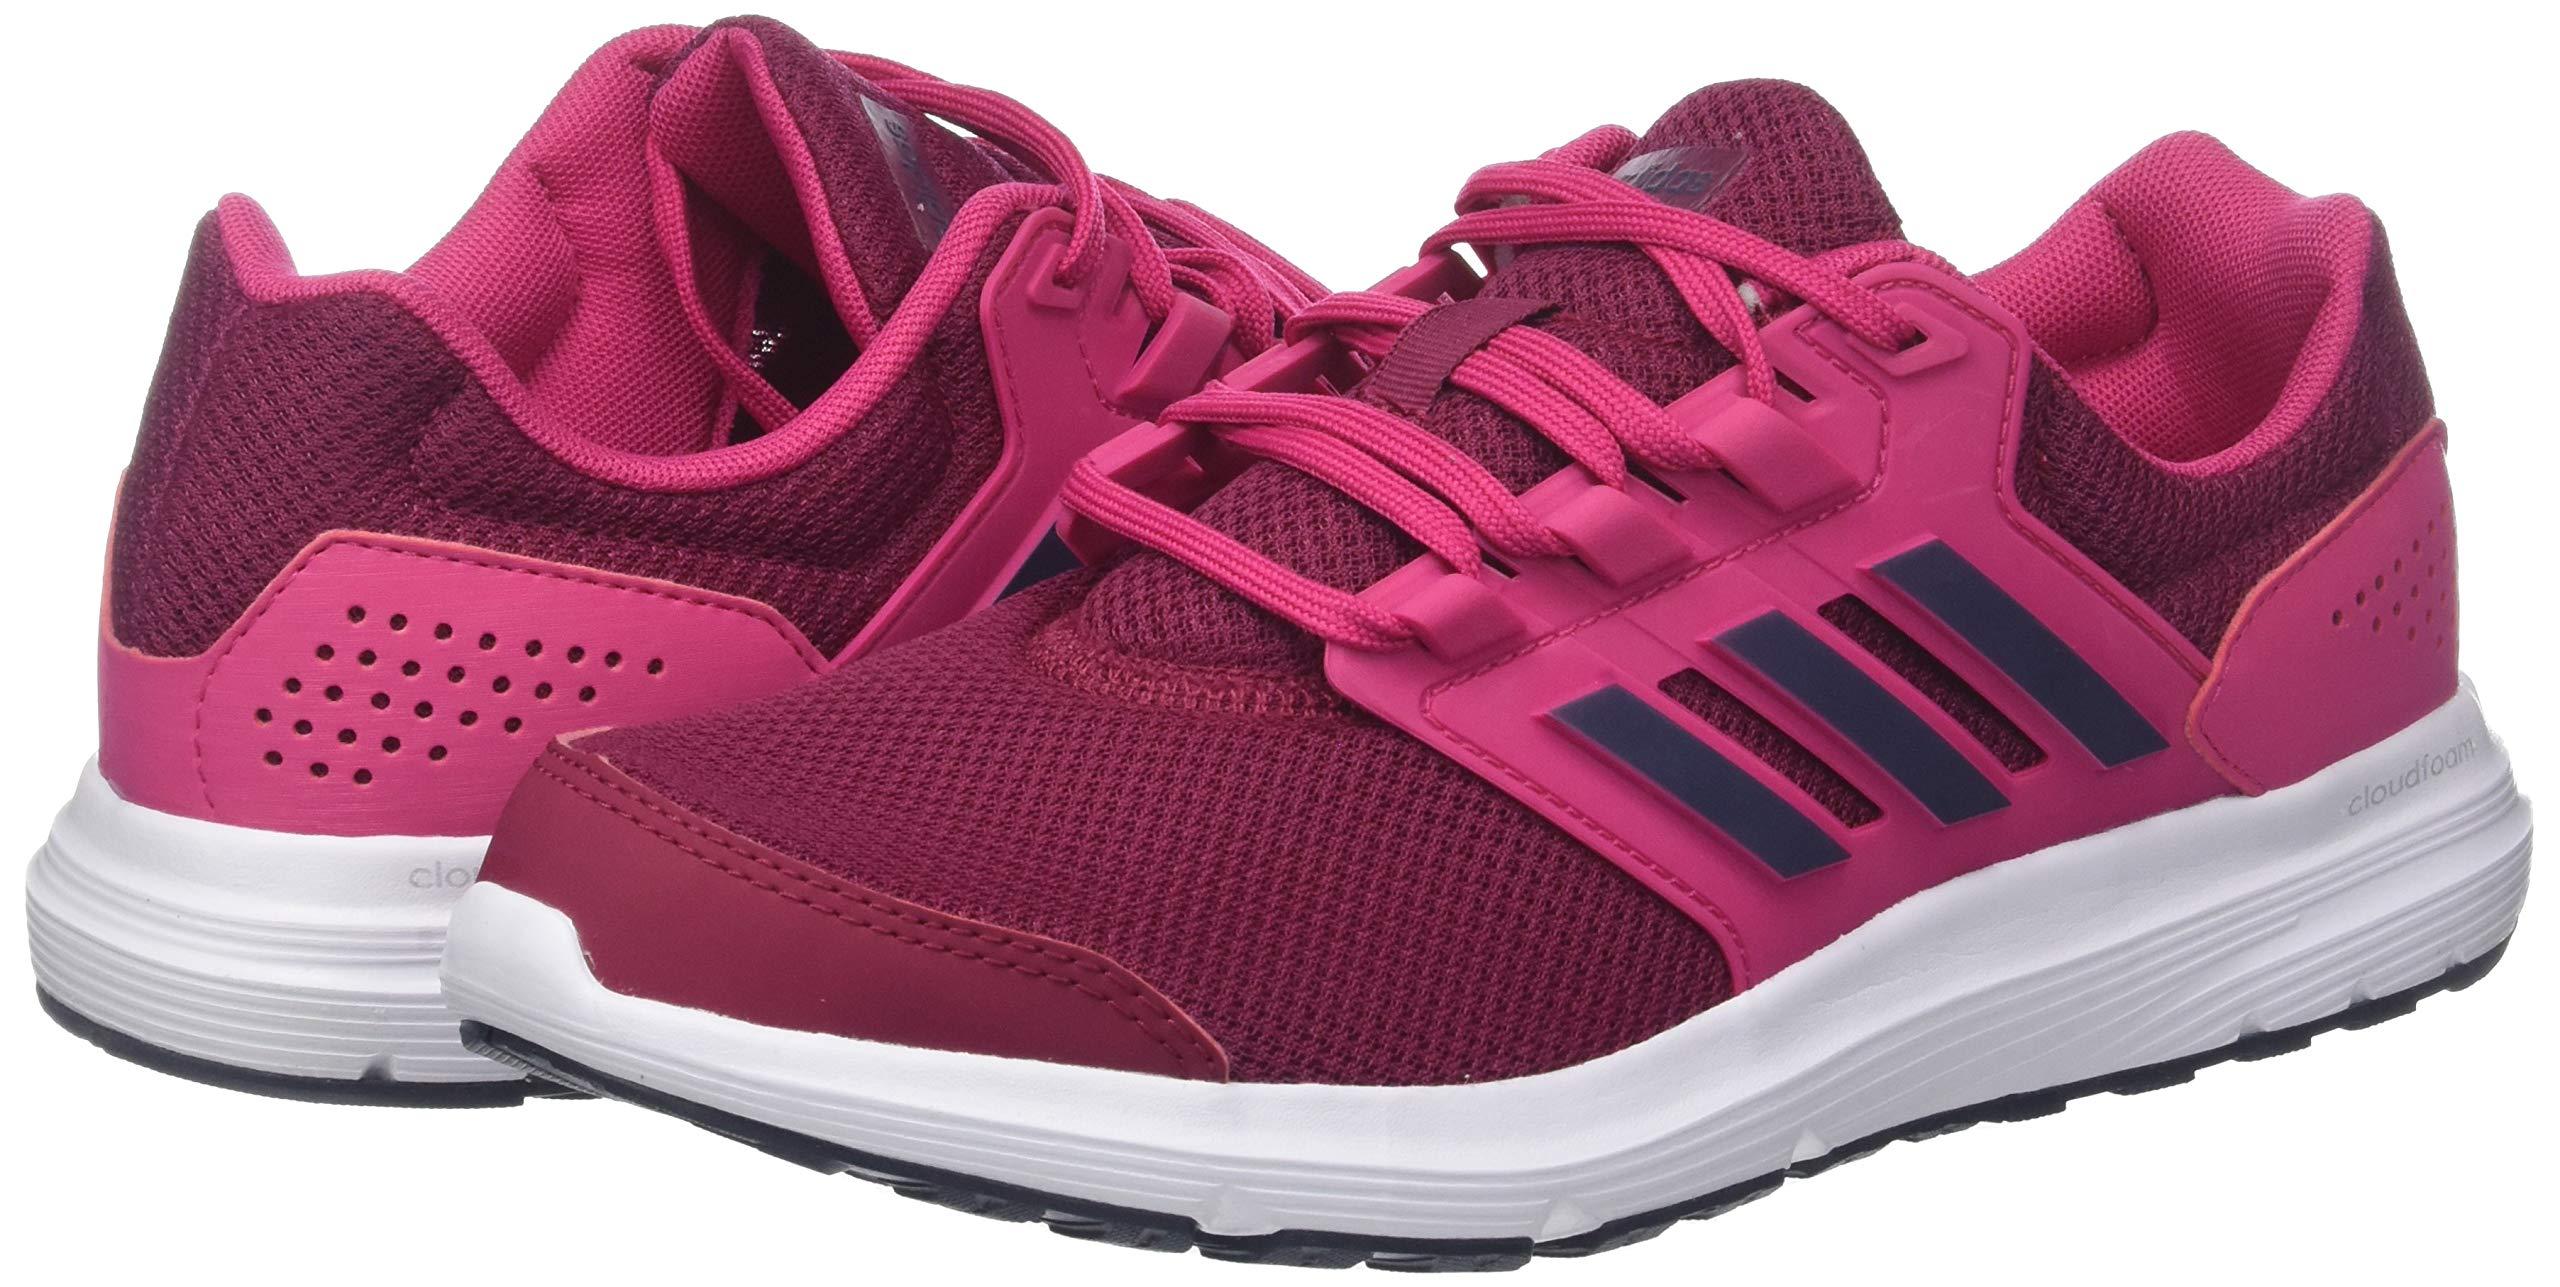 Adidas Galaxy 4, Scarpe da Corsa Donna 5 spesavip